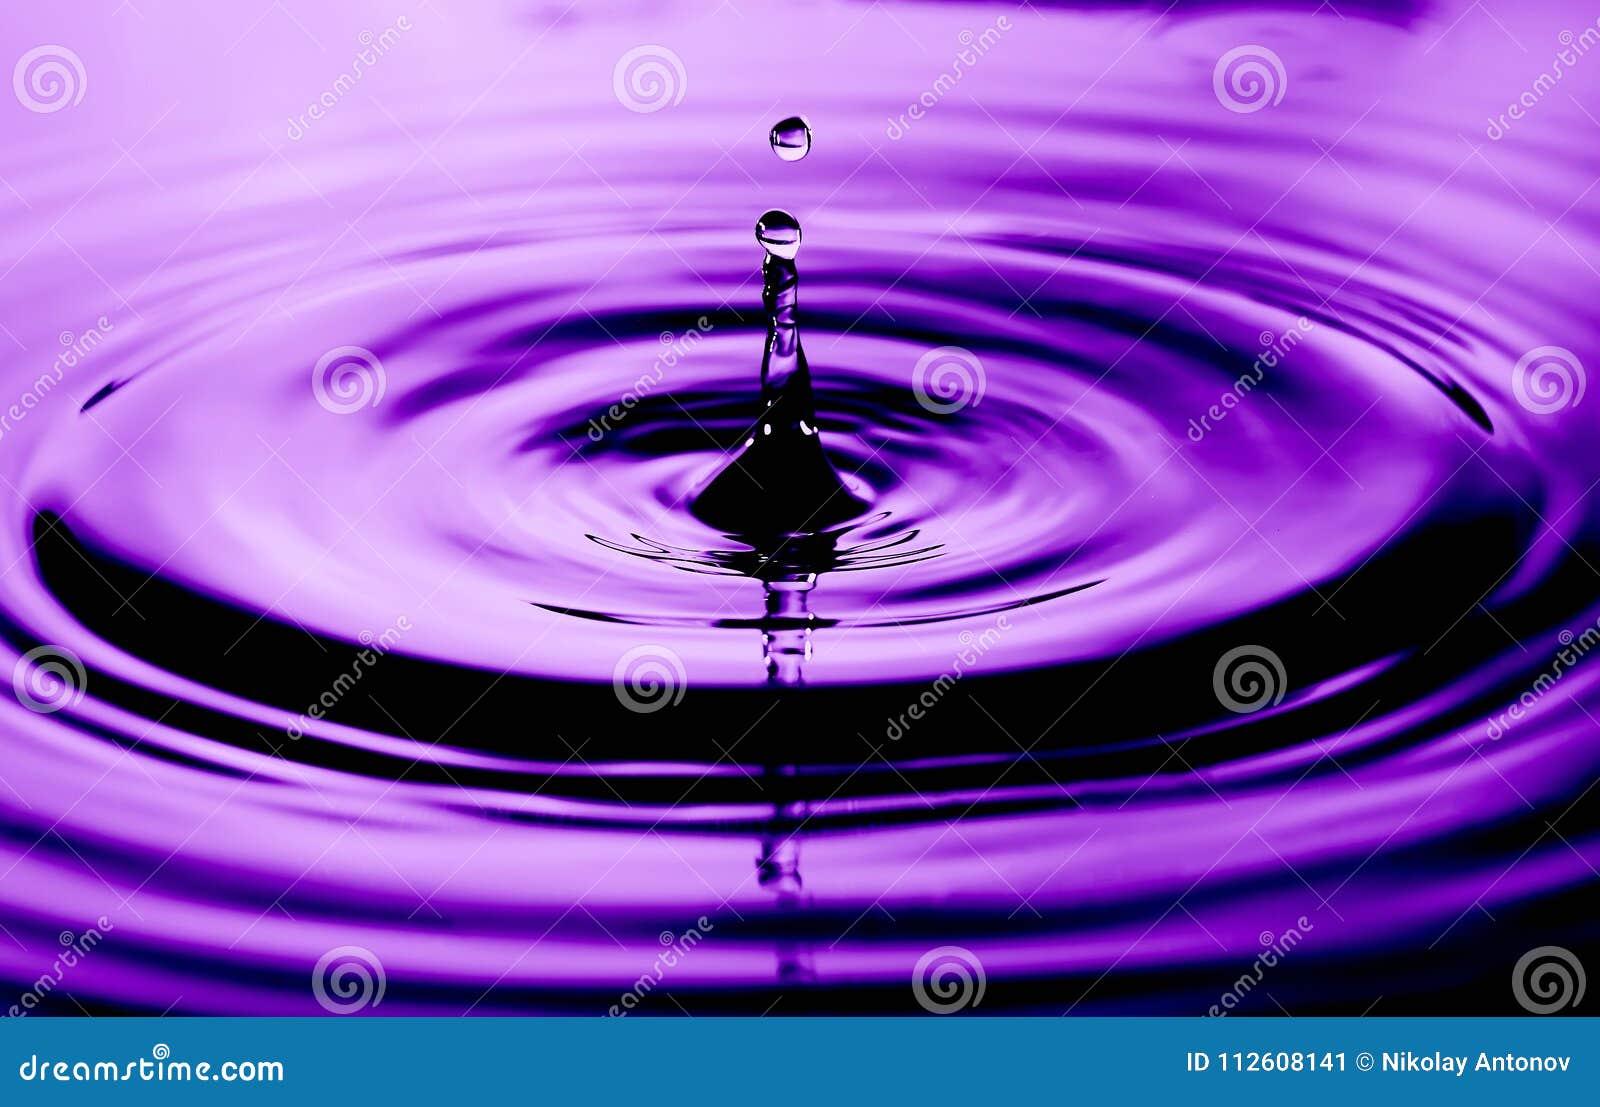 Абстрактное фото падений воды Славное фото текстуры и дизайна с ультрафиолетов цветом